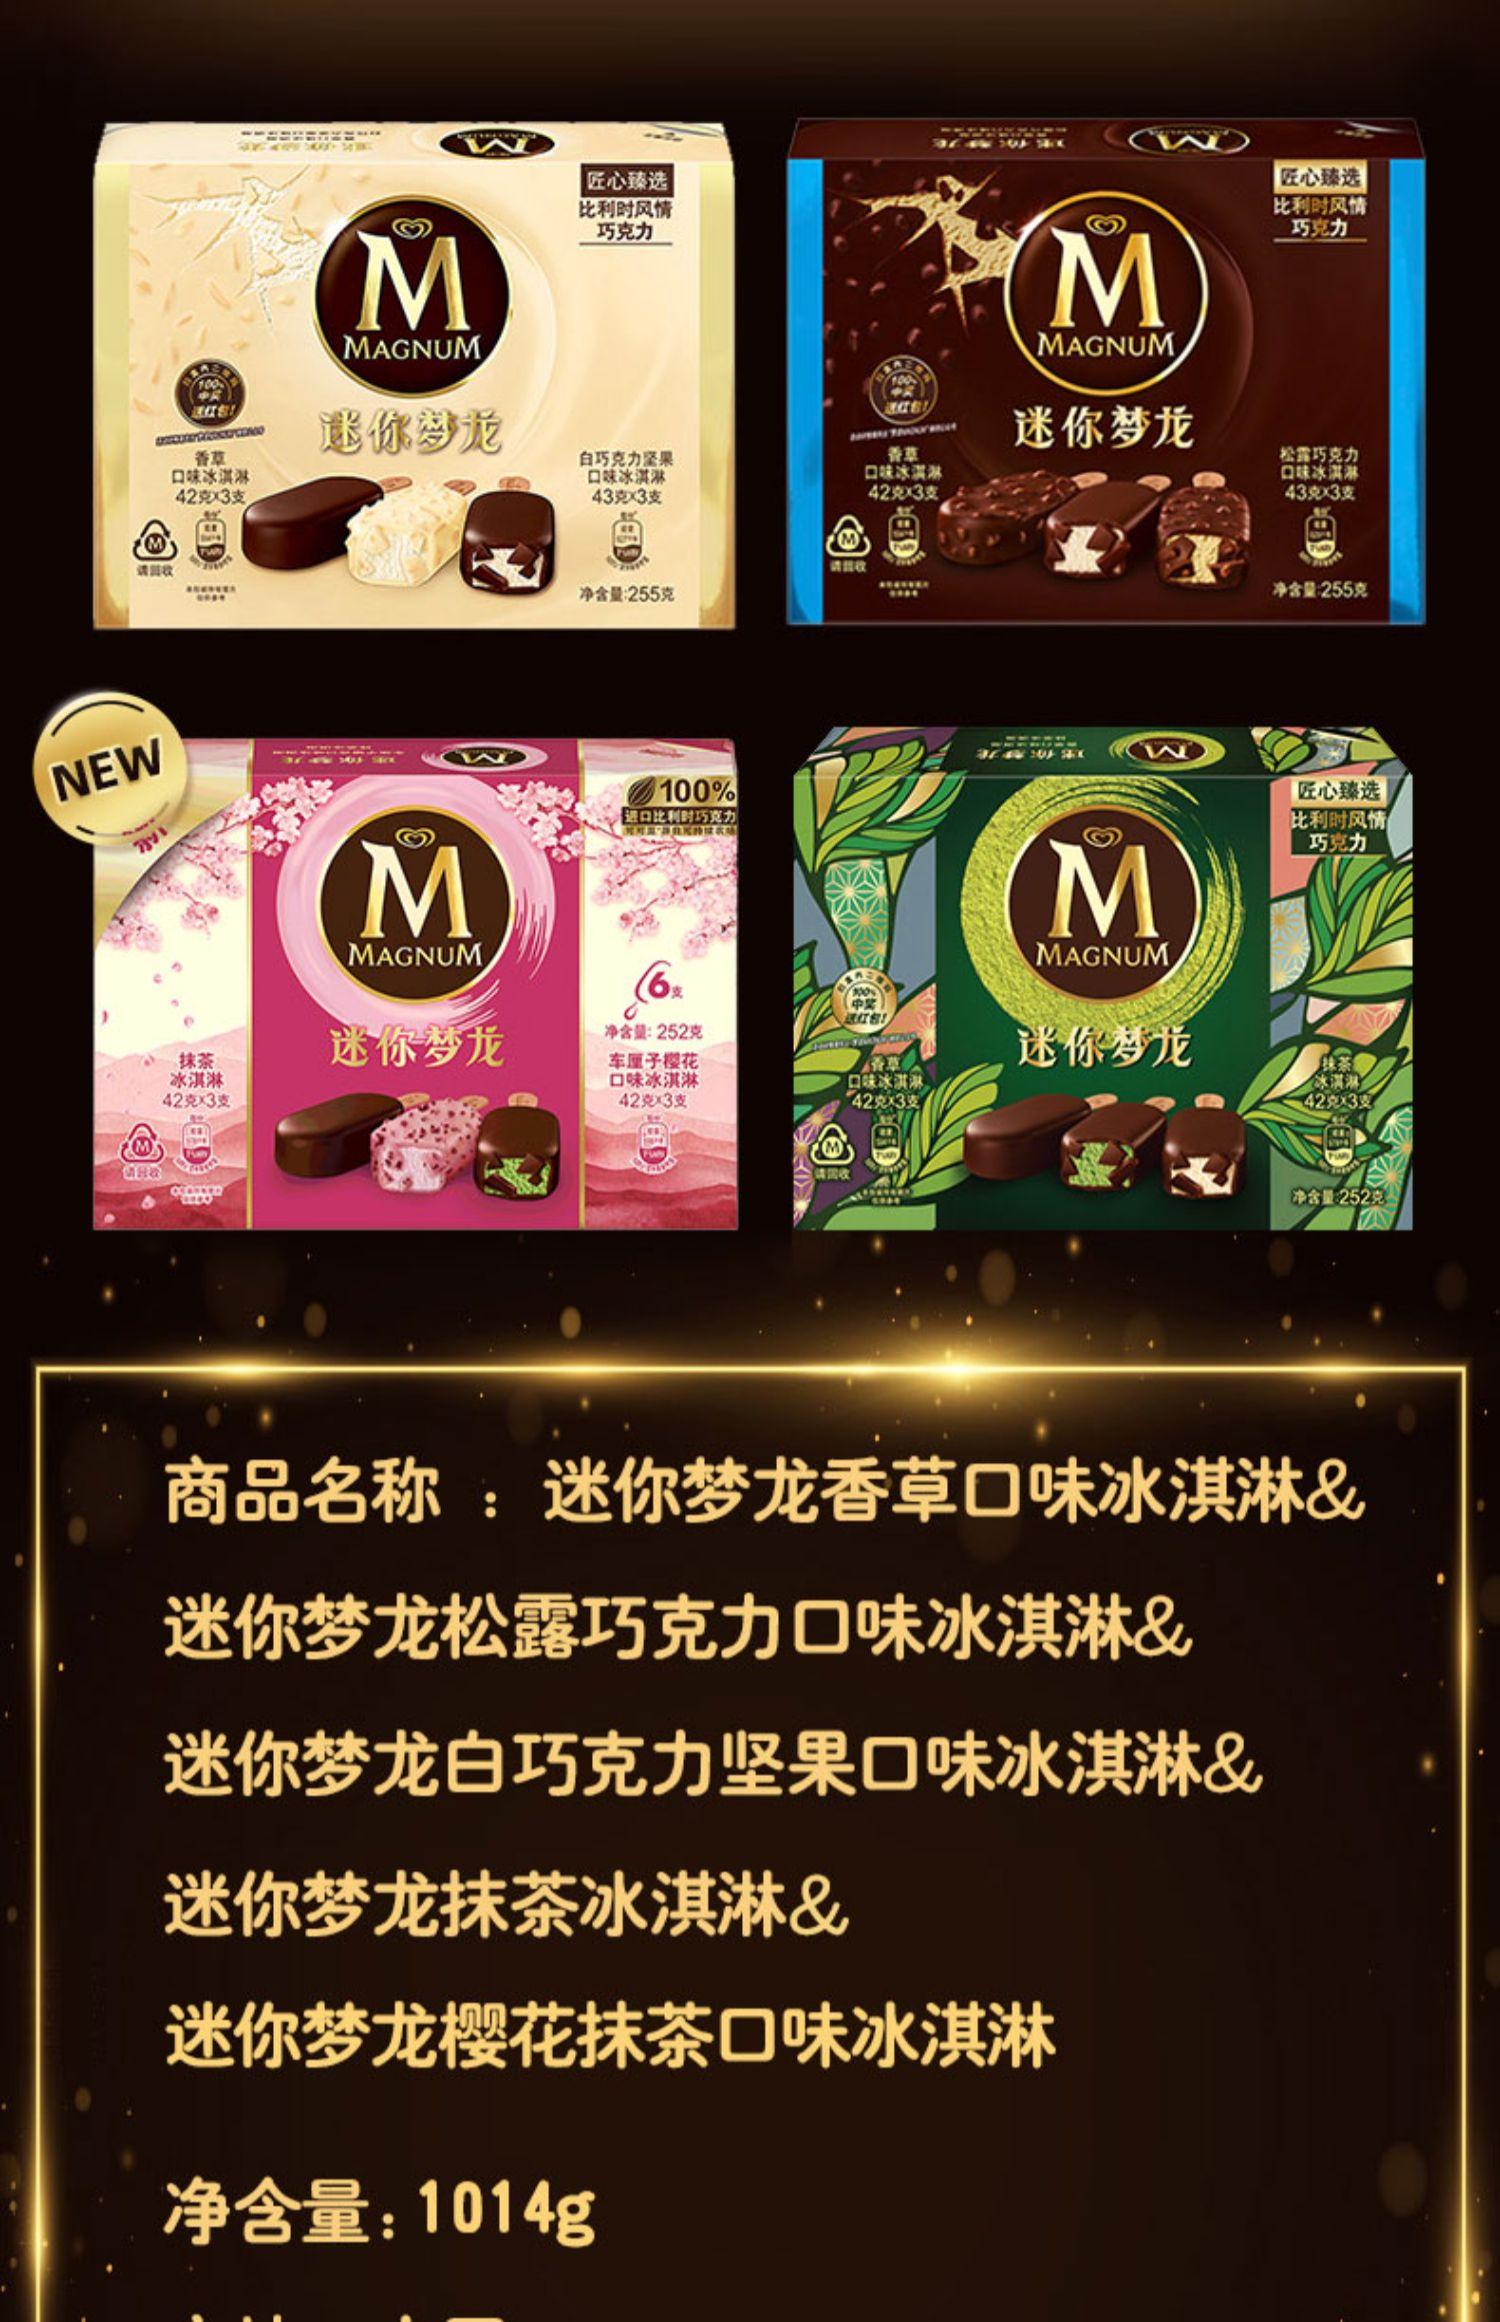 【梦龙冰淇淋24支】巧克力冰激凌